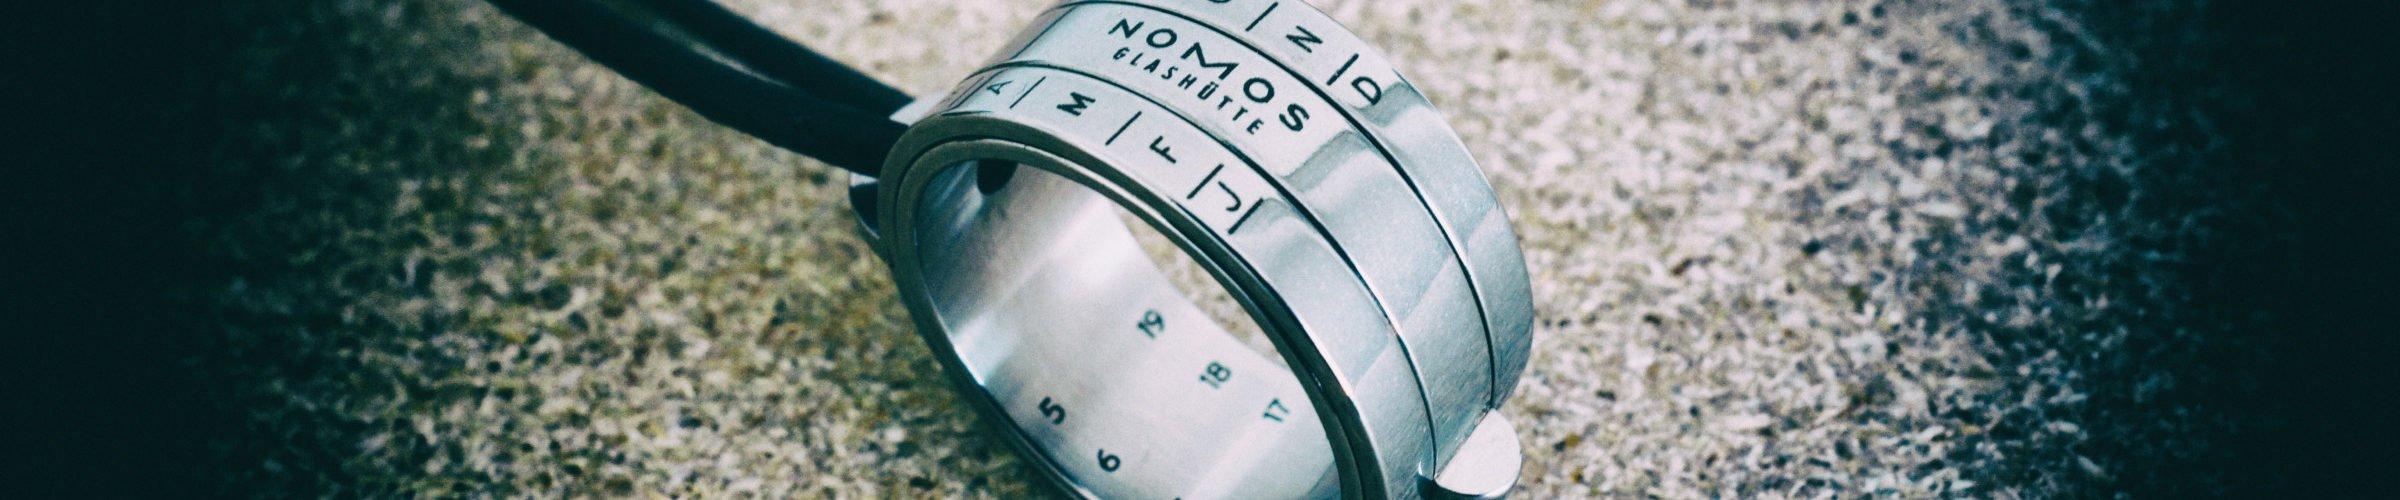 NOMOS Sonnenuhr-Ring Bauernring Glashütte hohe Qualität Höhensonnenring